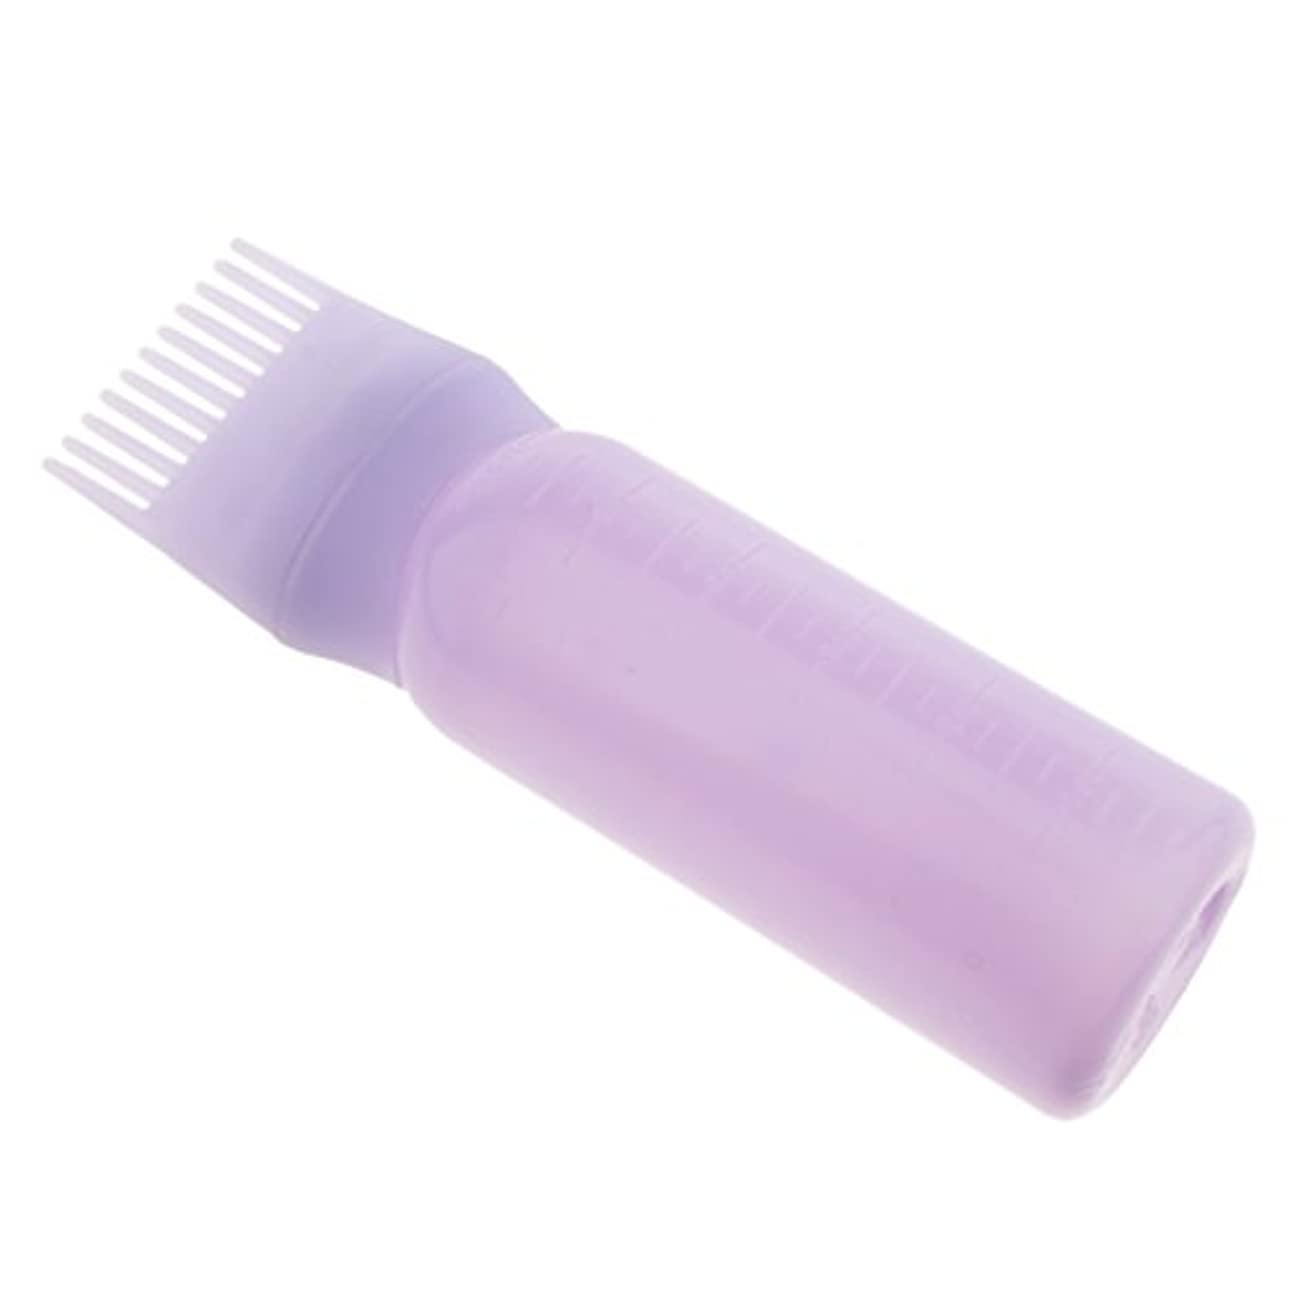 はっきりしない道徳教育歌詞ヘアダイ ヘアカラー ボトル コーム ディスペンサー ブラシ付き 2タイプ選べる - 紫